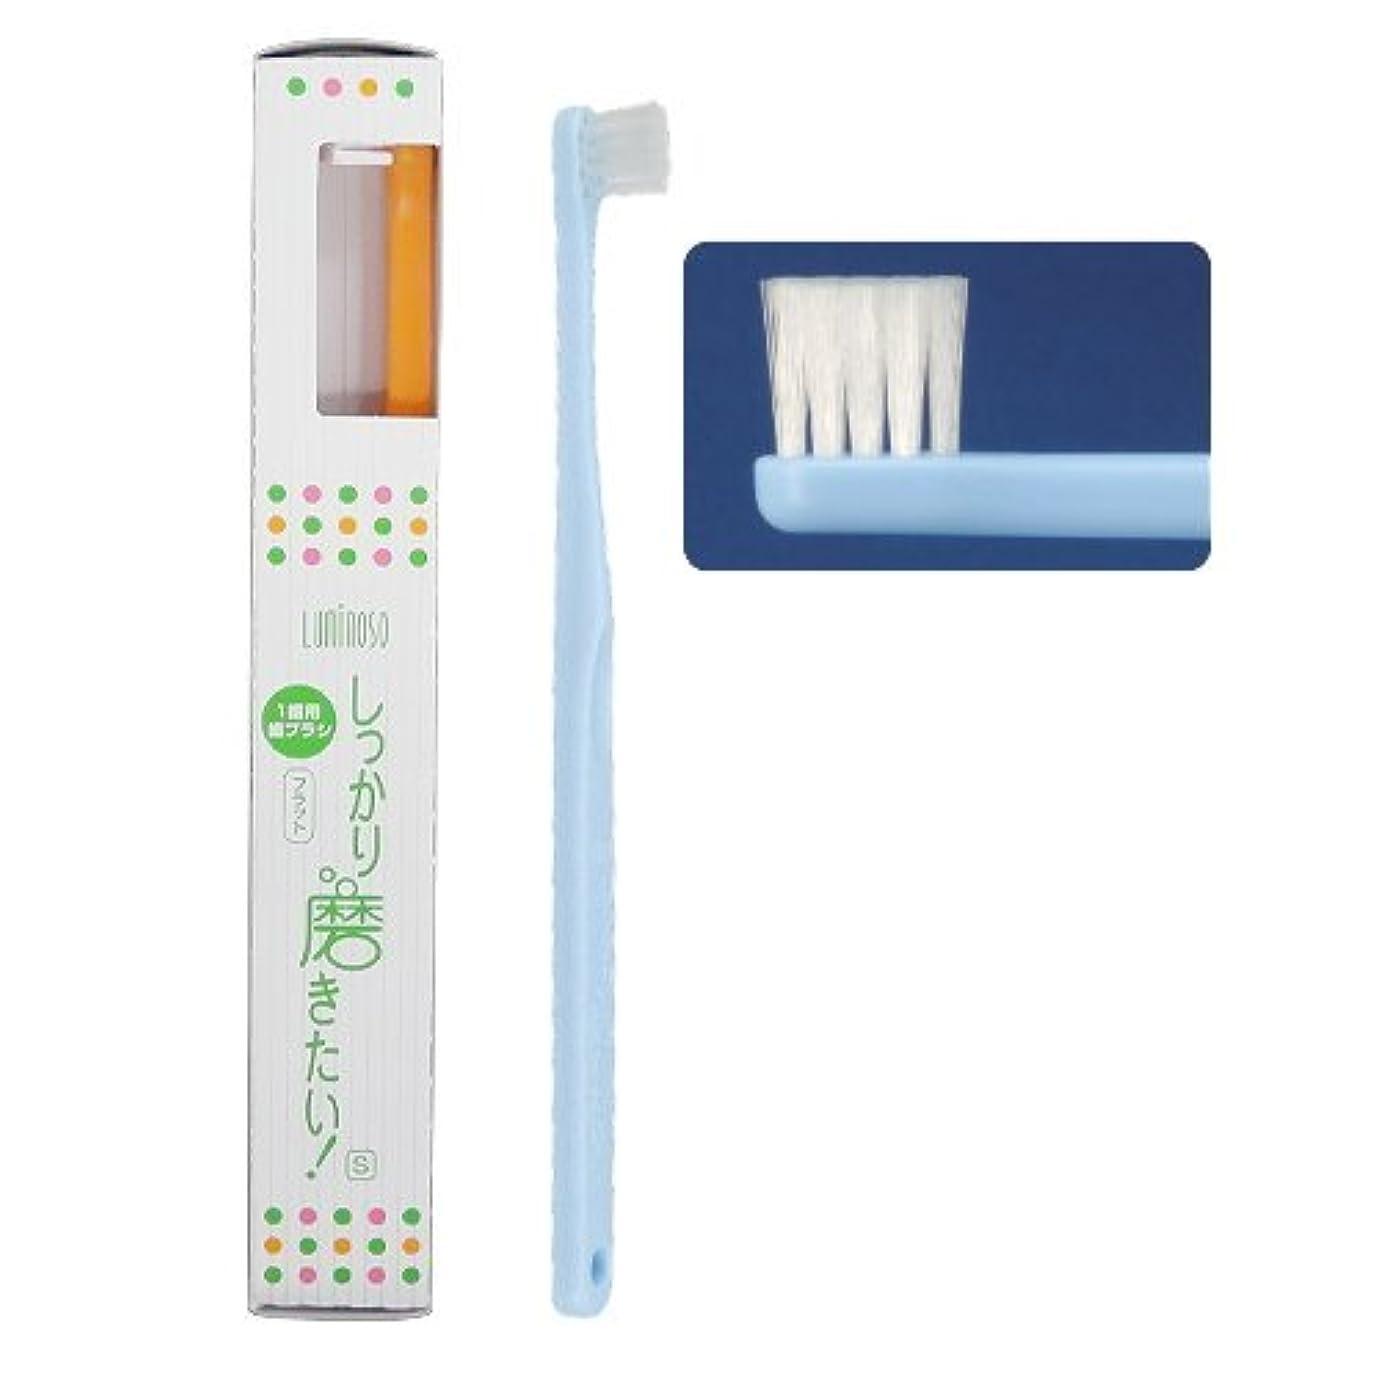 連隊生き残ります彼女自身ルミノソ 1歯用歯ブラシ 「しっかり磨きたい!」 フラット ソフト (カラー指定不可) 3本